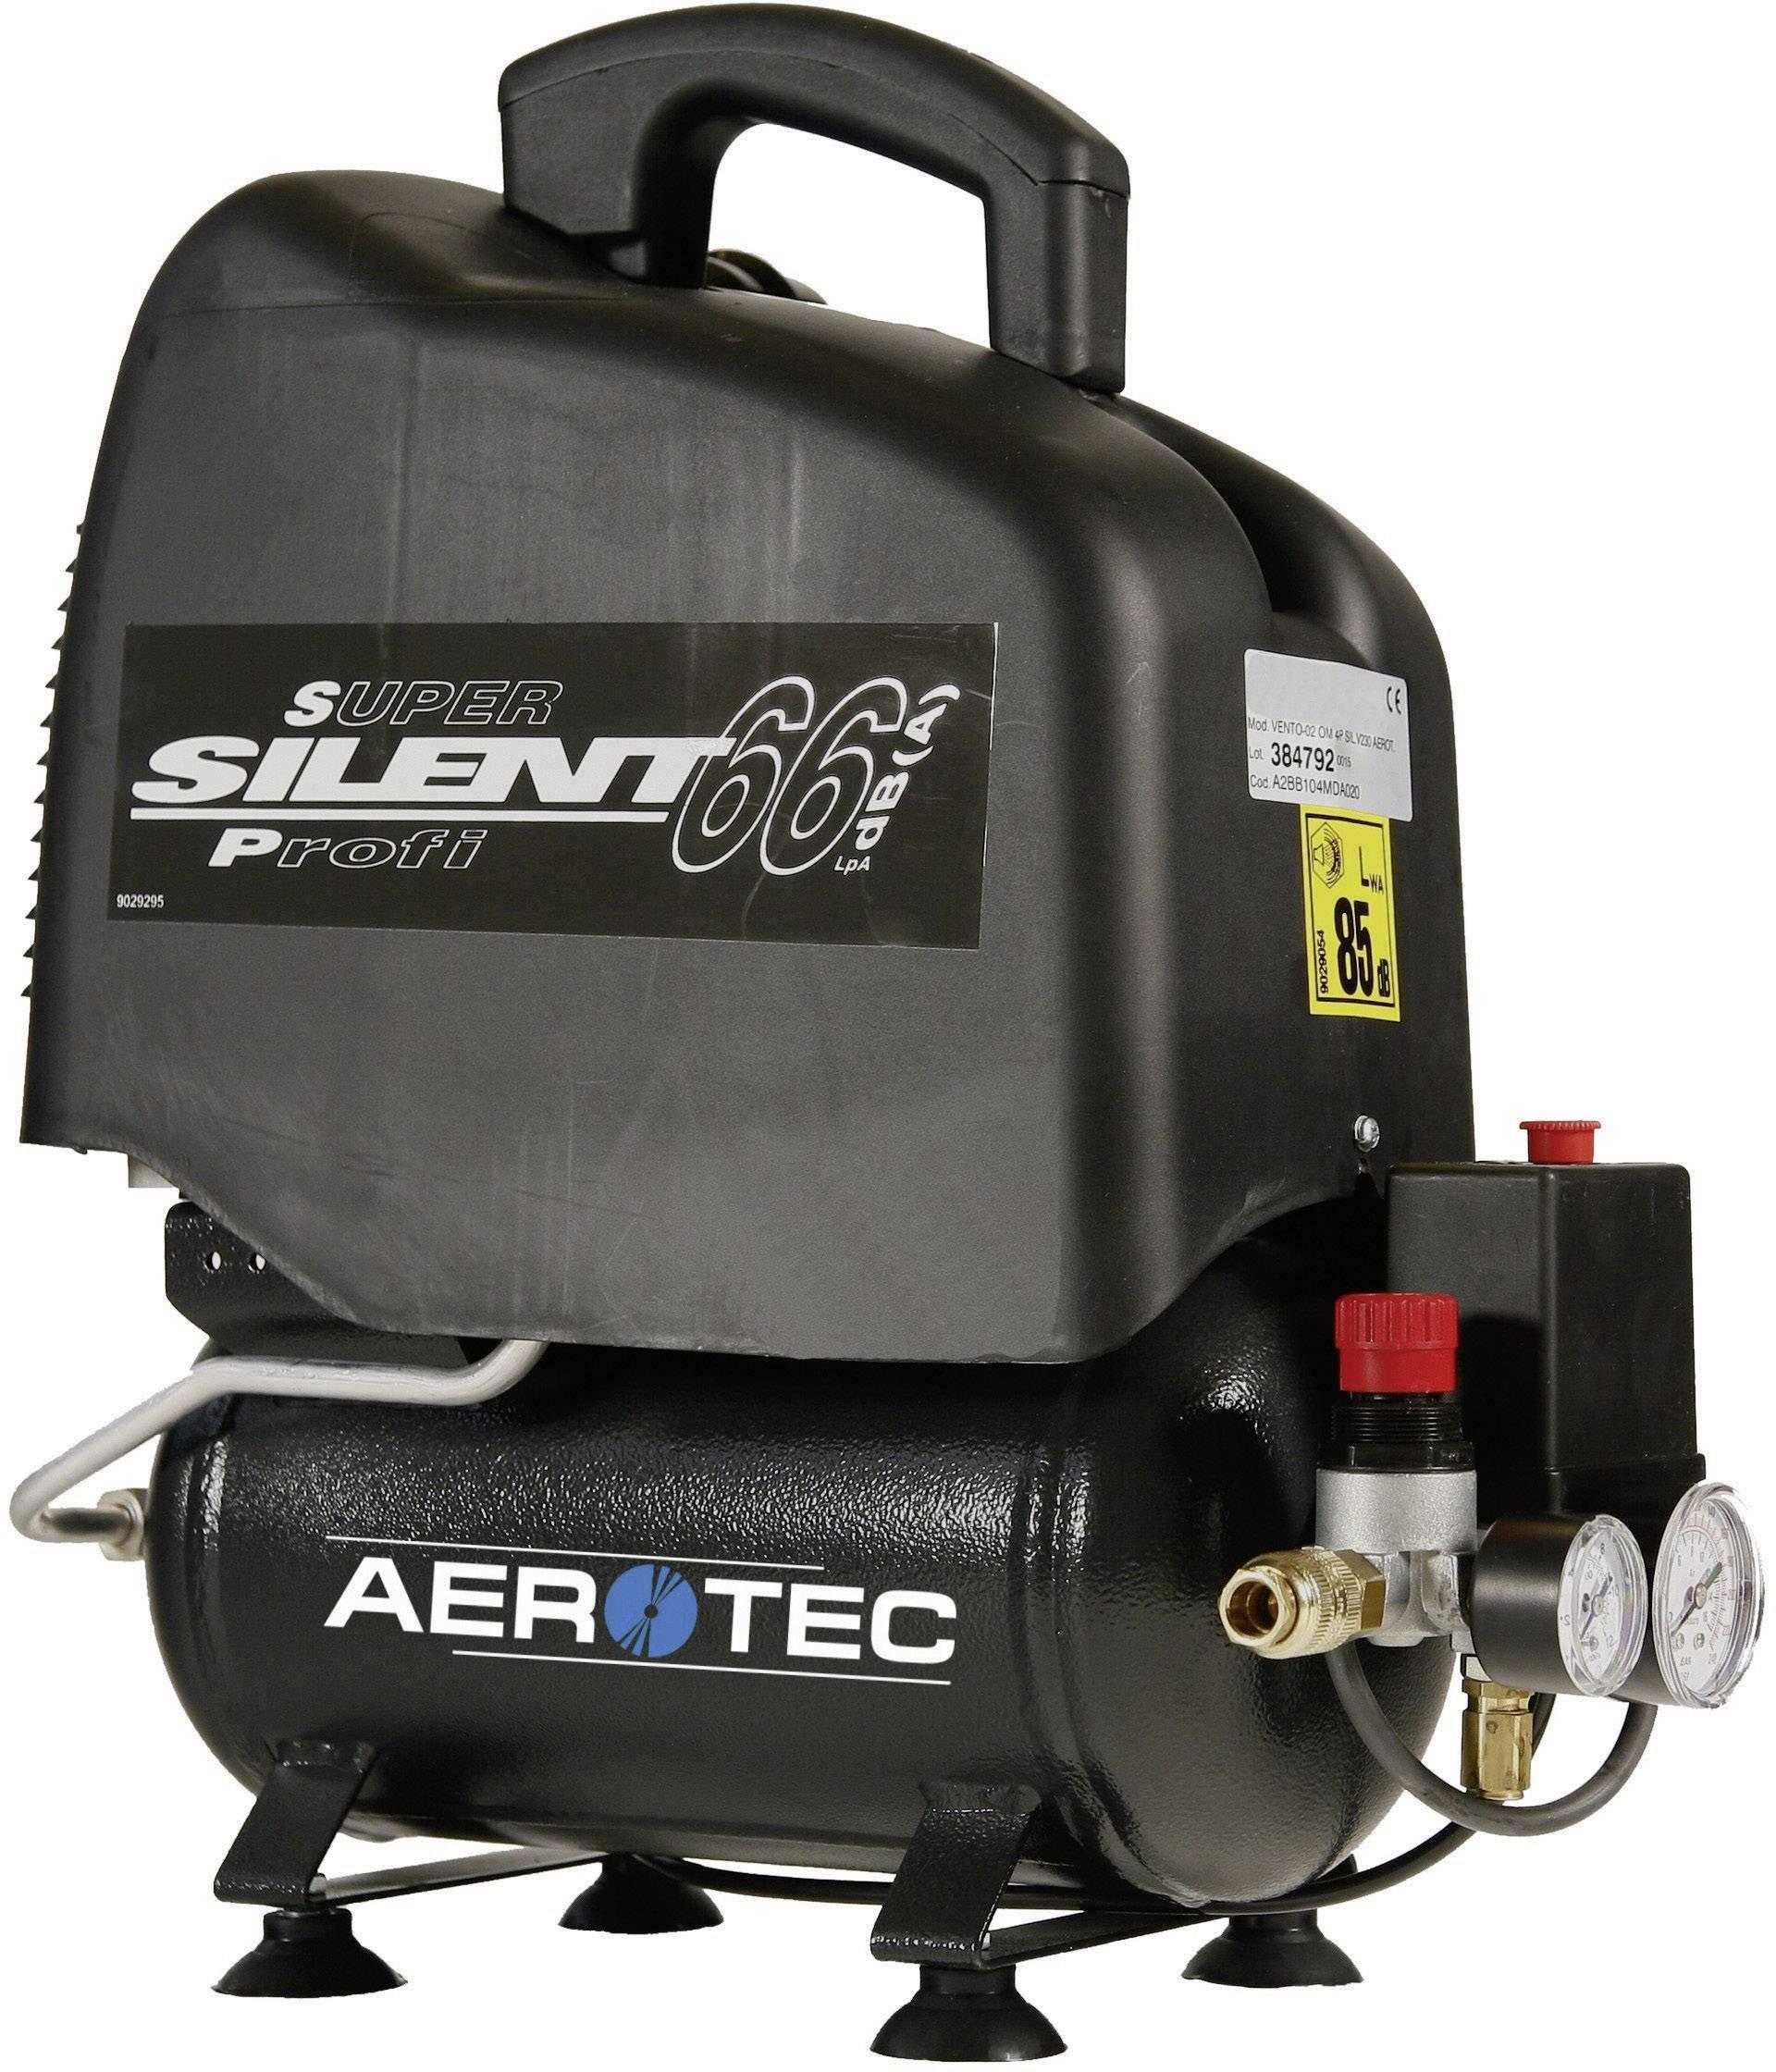 Přenosný pístový kompresor Aerotec Vento Silent 6 2005210, objem tlak. nádoby 6 l